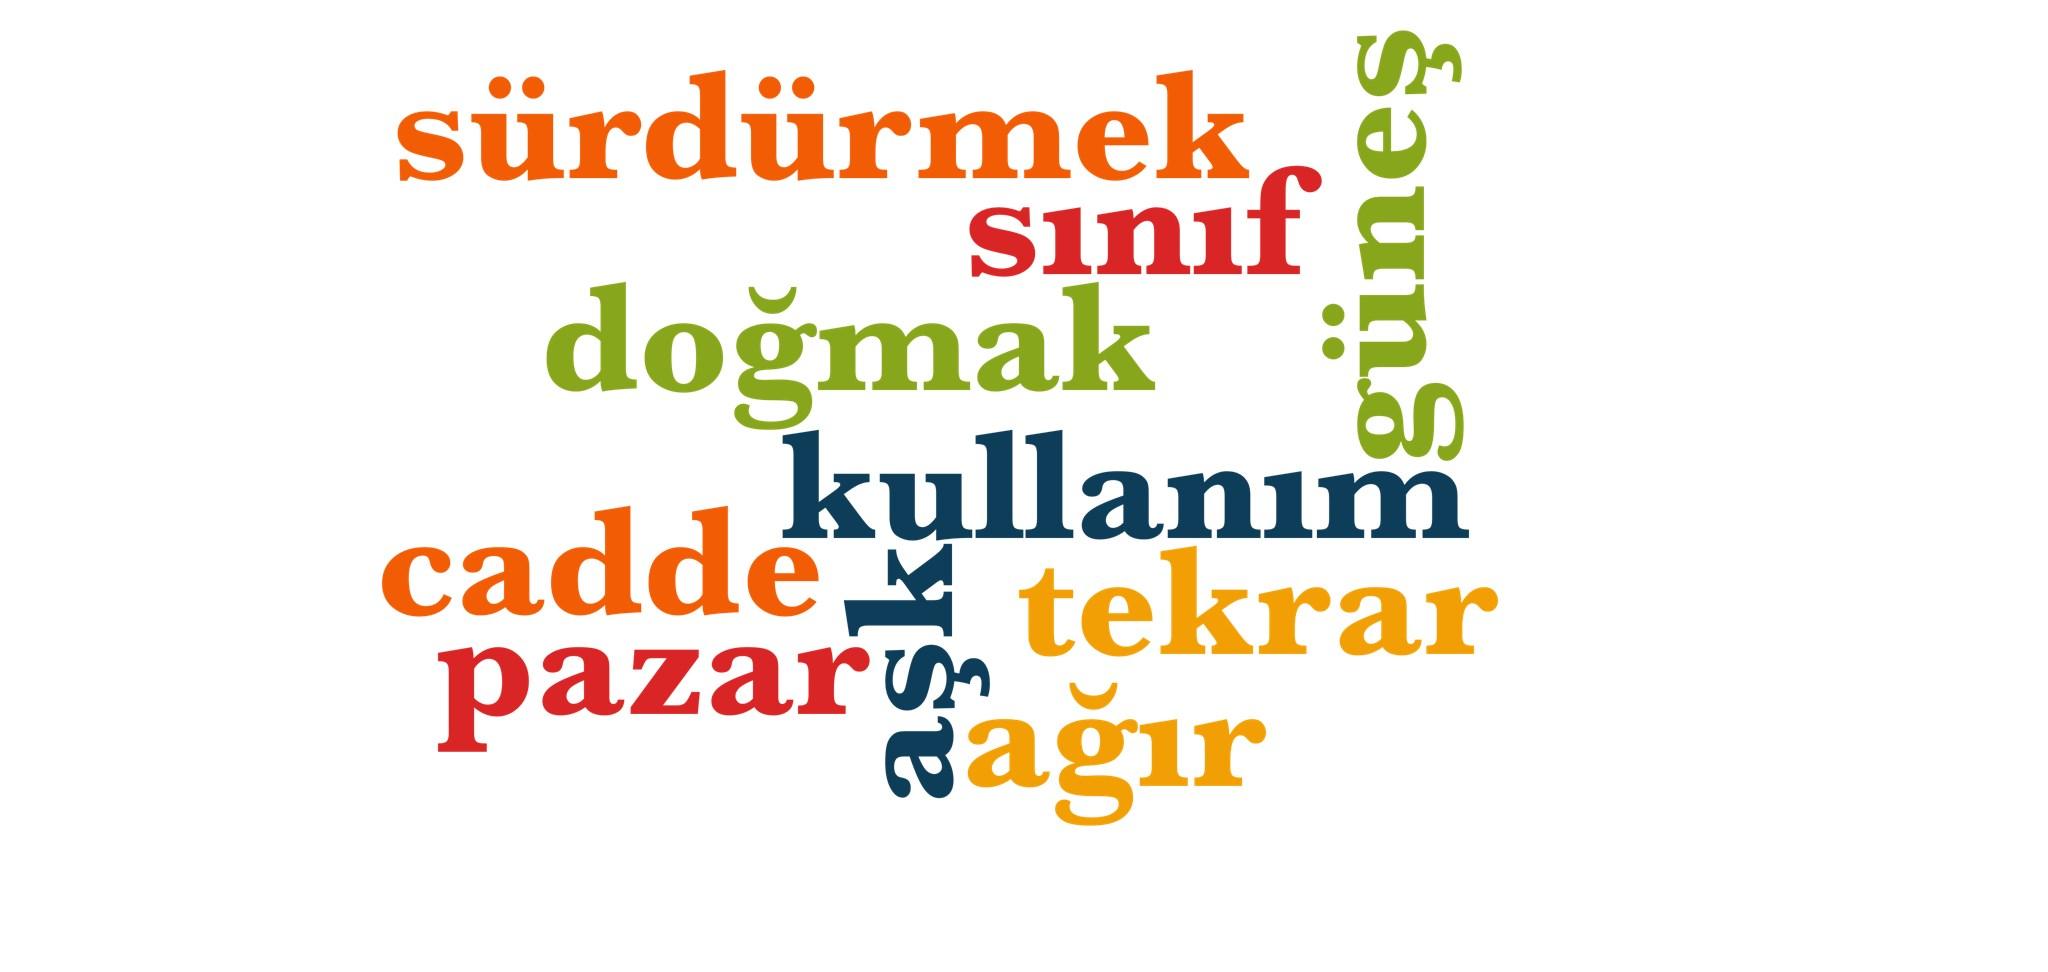 Wörter 481 bis 490 der 1000 häufigsten Wörter der türkischen Sprache